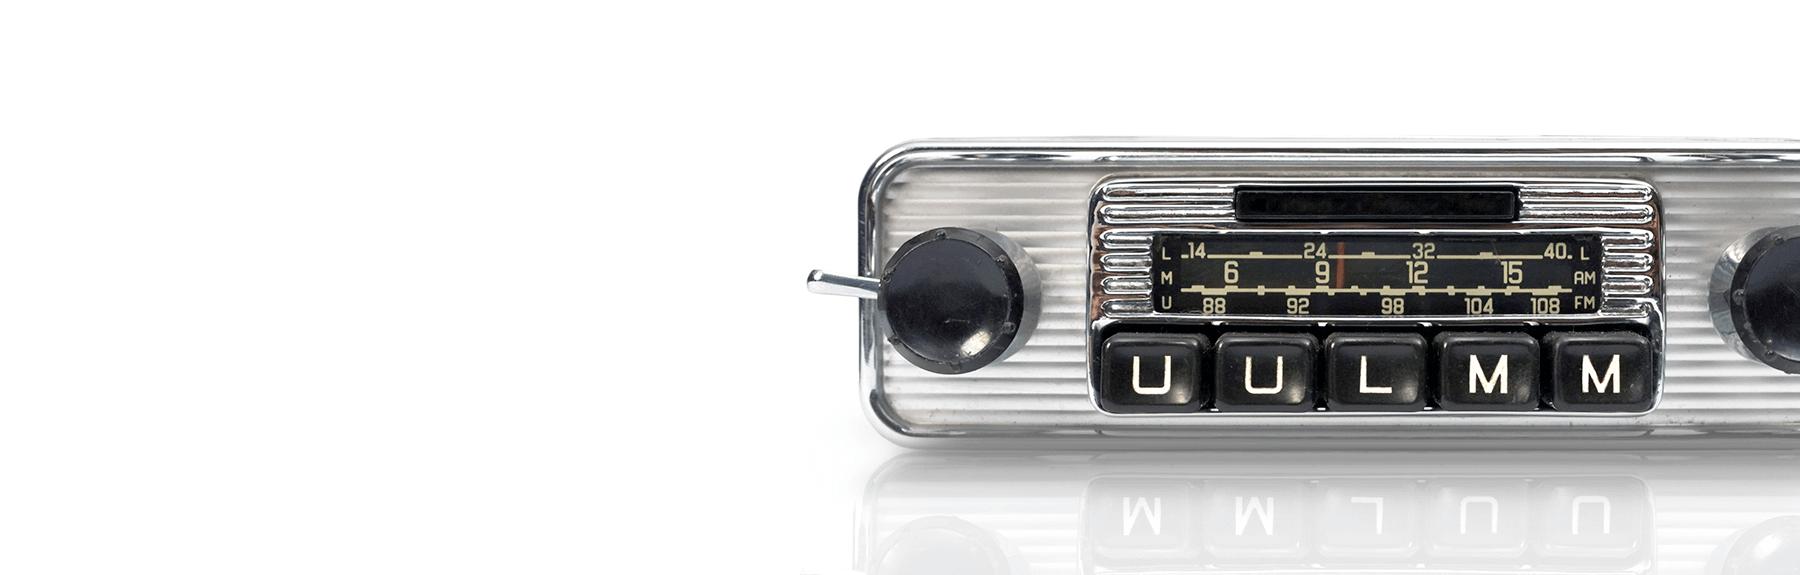 design-radio-button-header